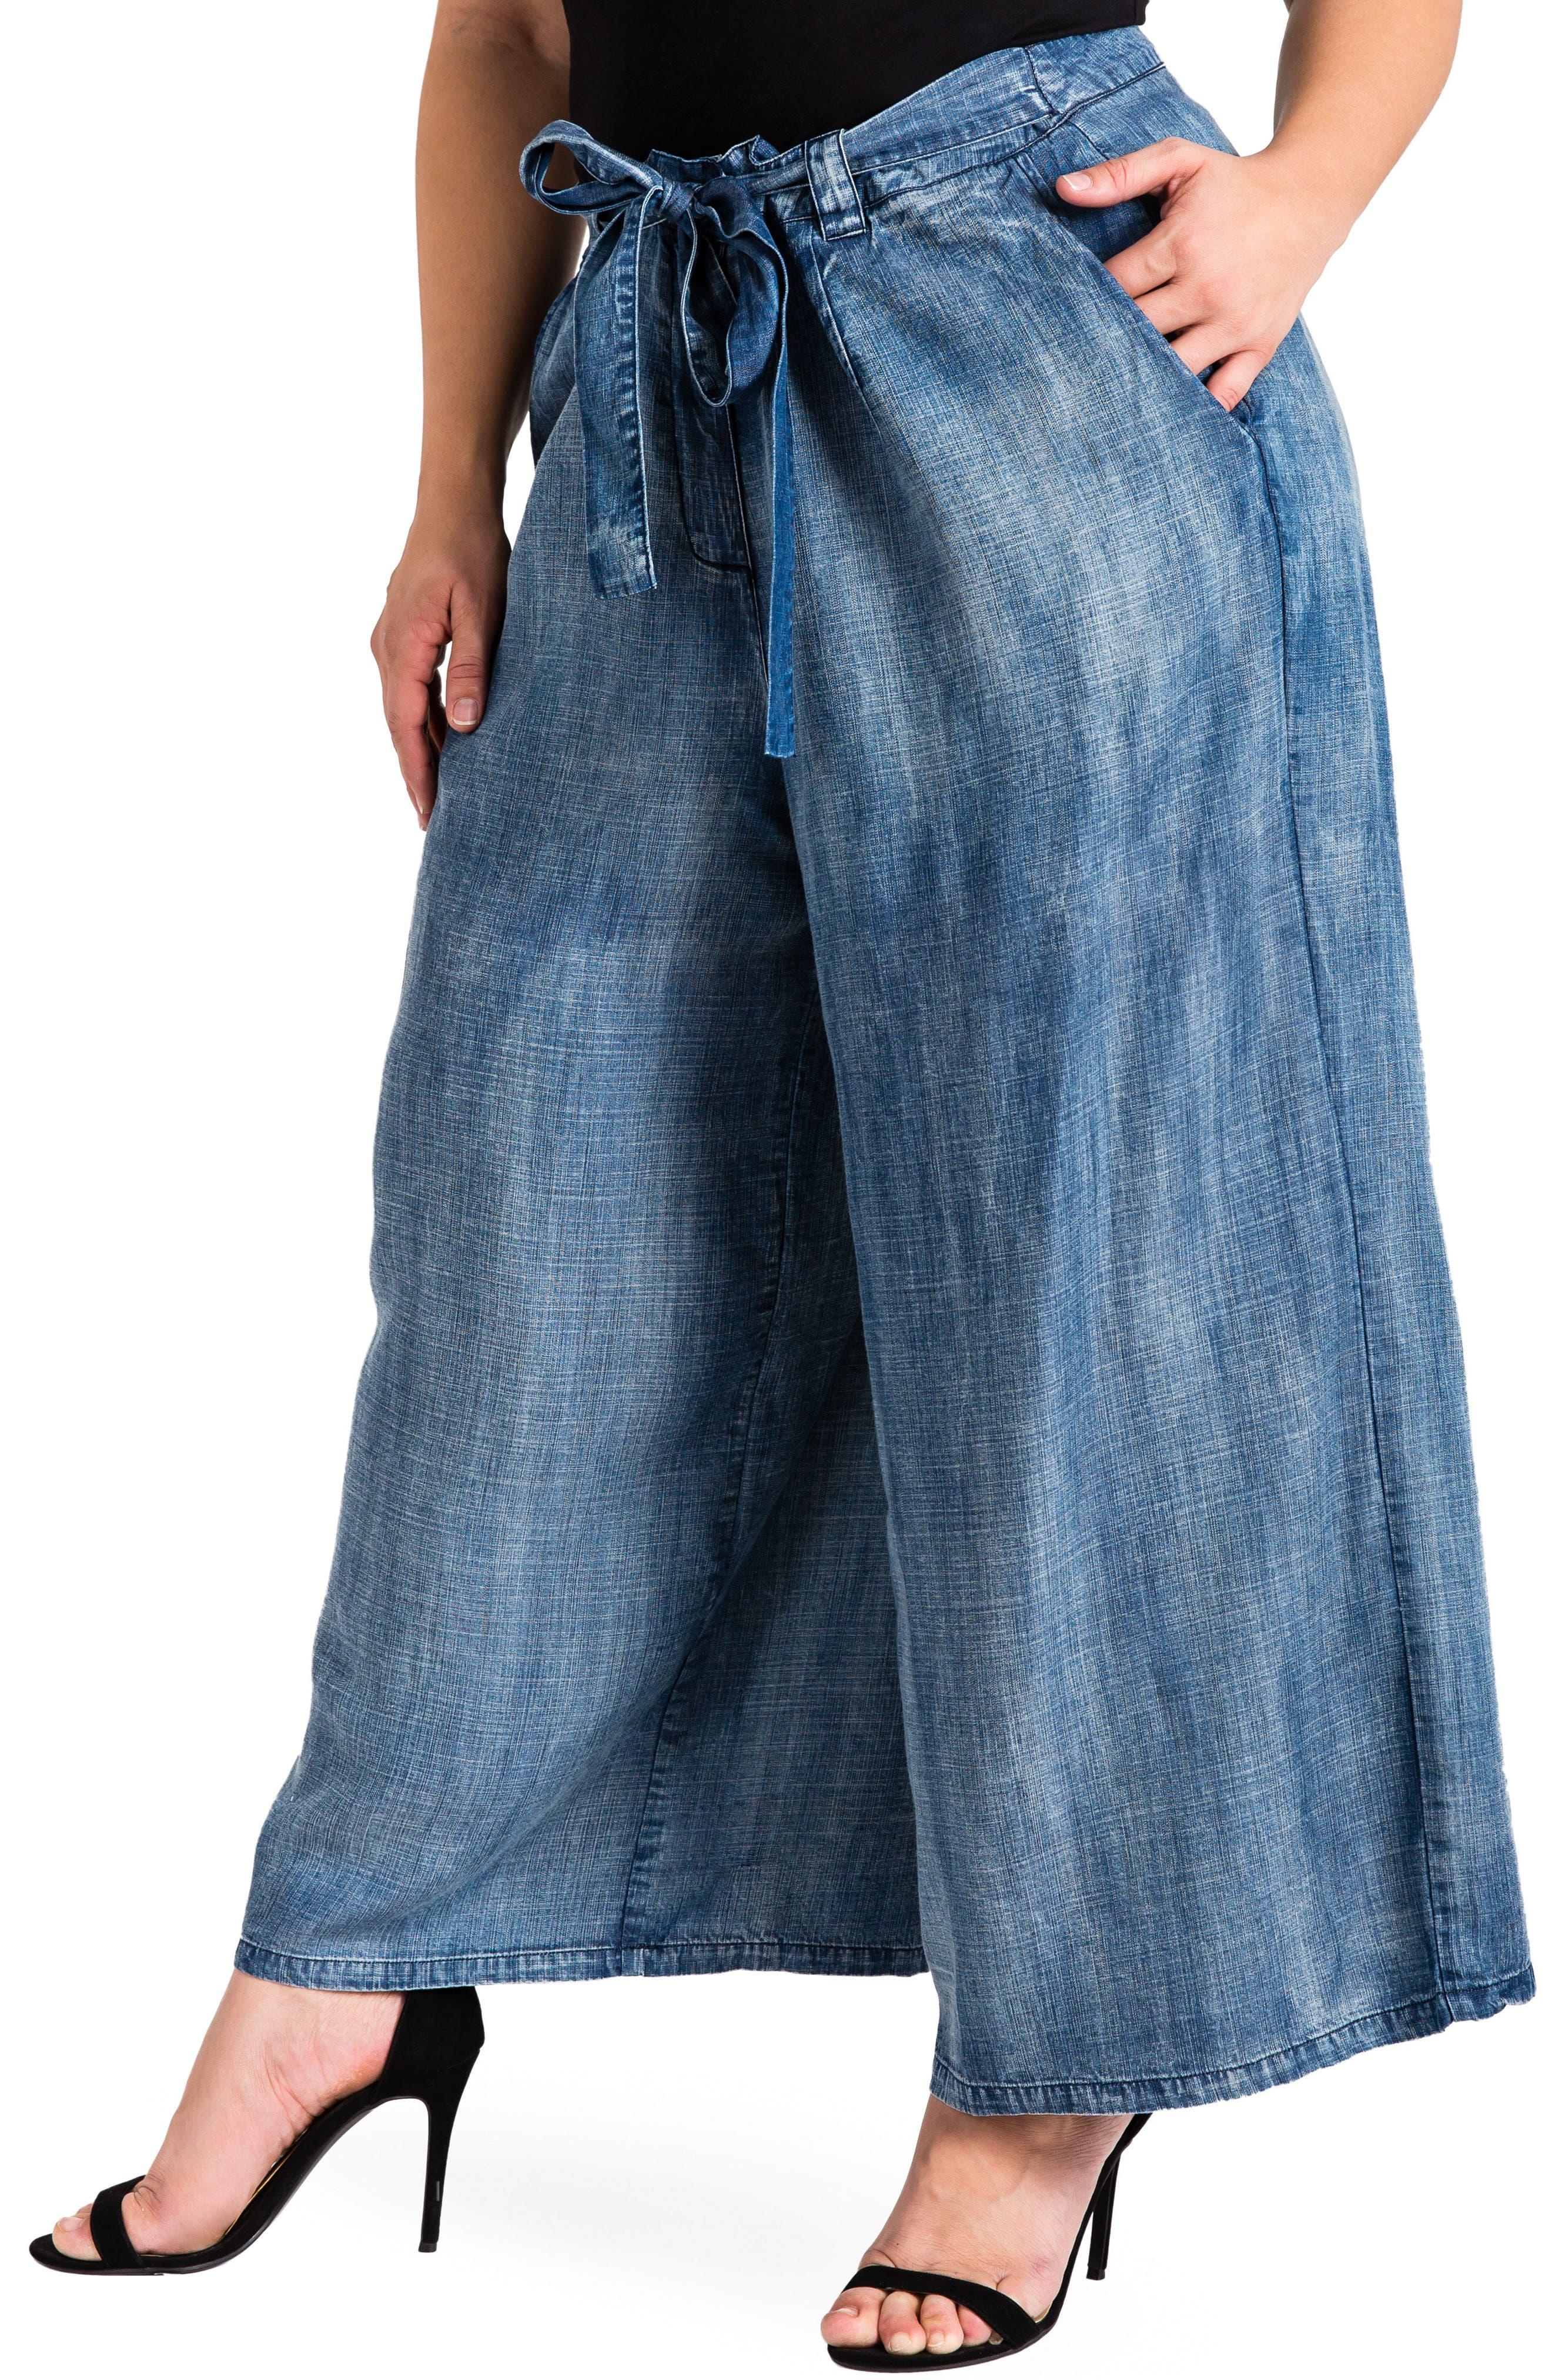 STANDARDS & PRACTICES, Sophi Crop Wide Leg Pants, Main thumbnail 1, color, MEDIUM BLUE